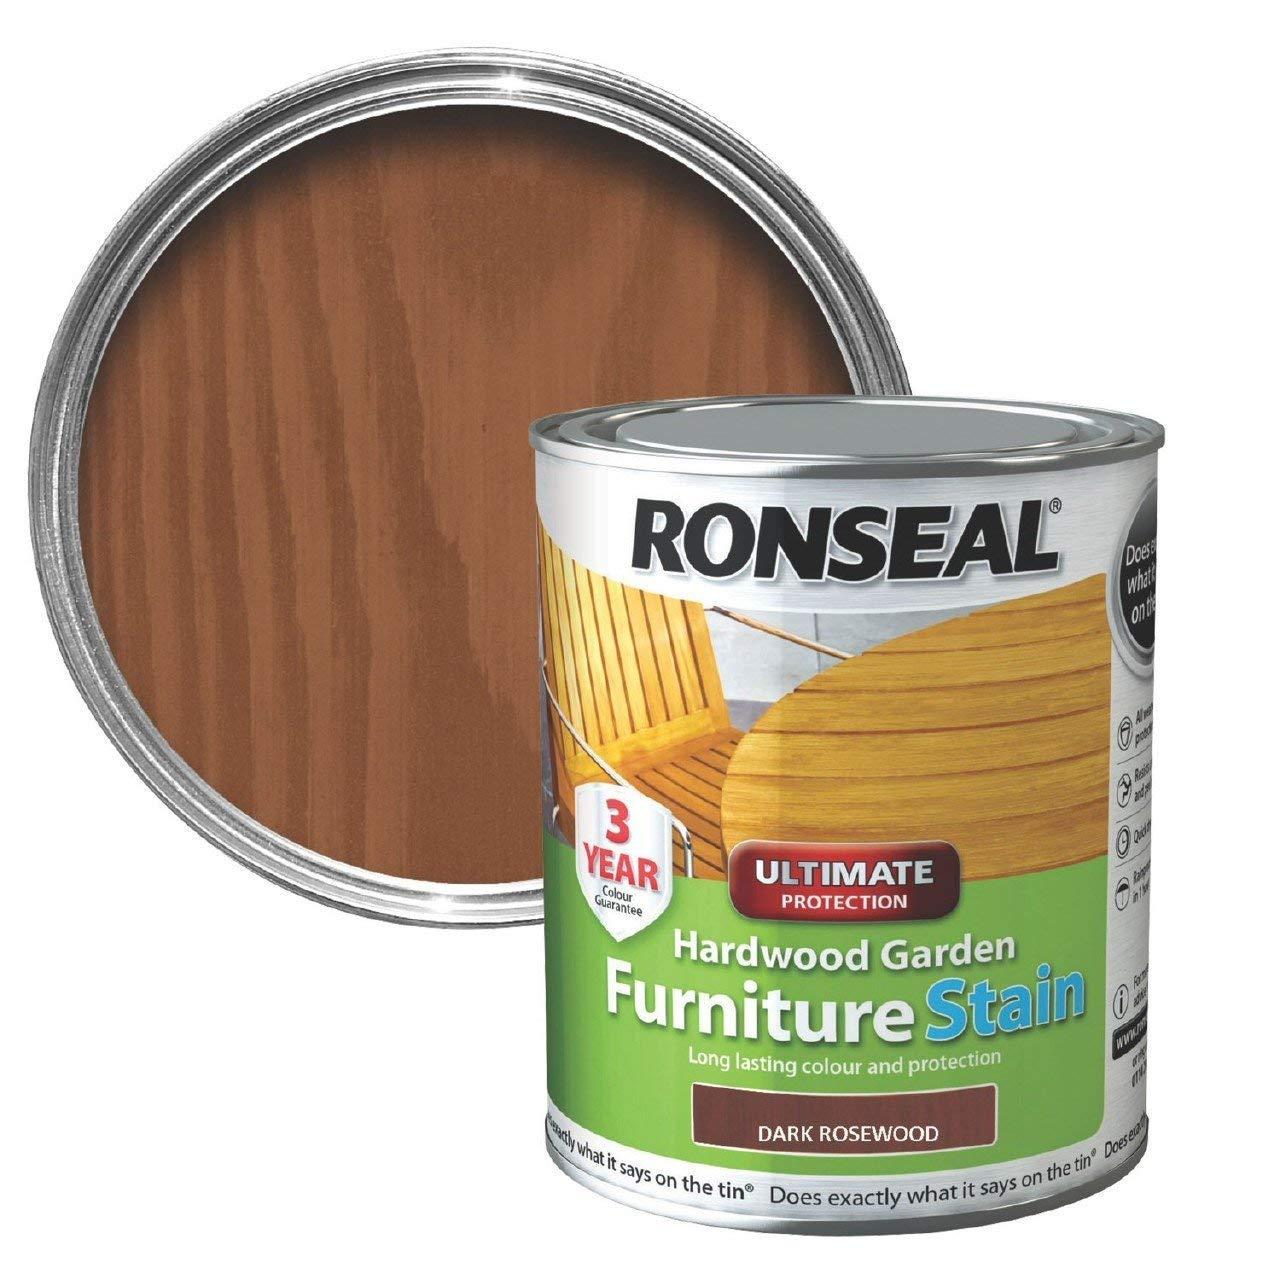 Ronseal hwfsrw750 hardwood furniture stain rosewood 750ml amazon co uk diy tools